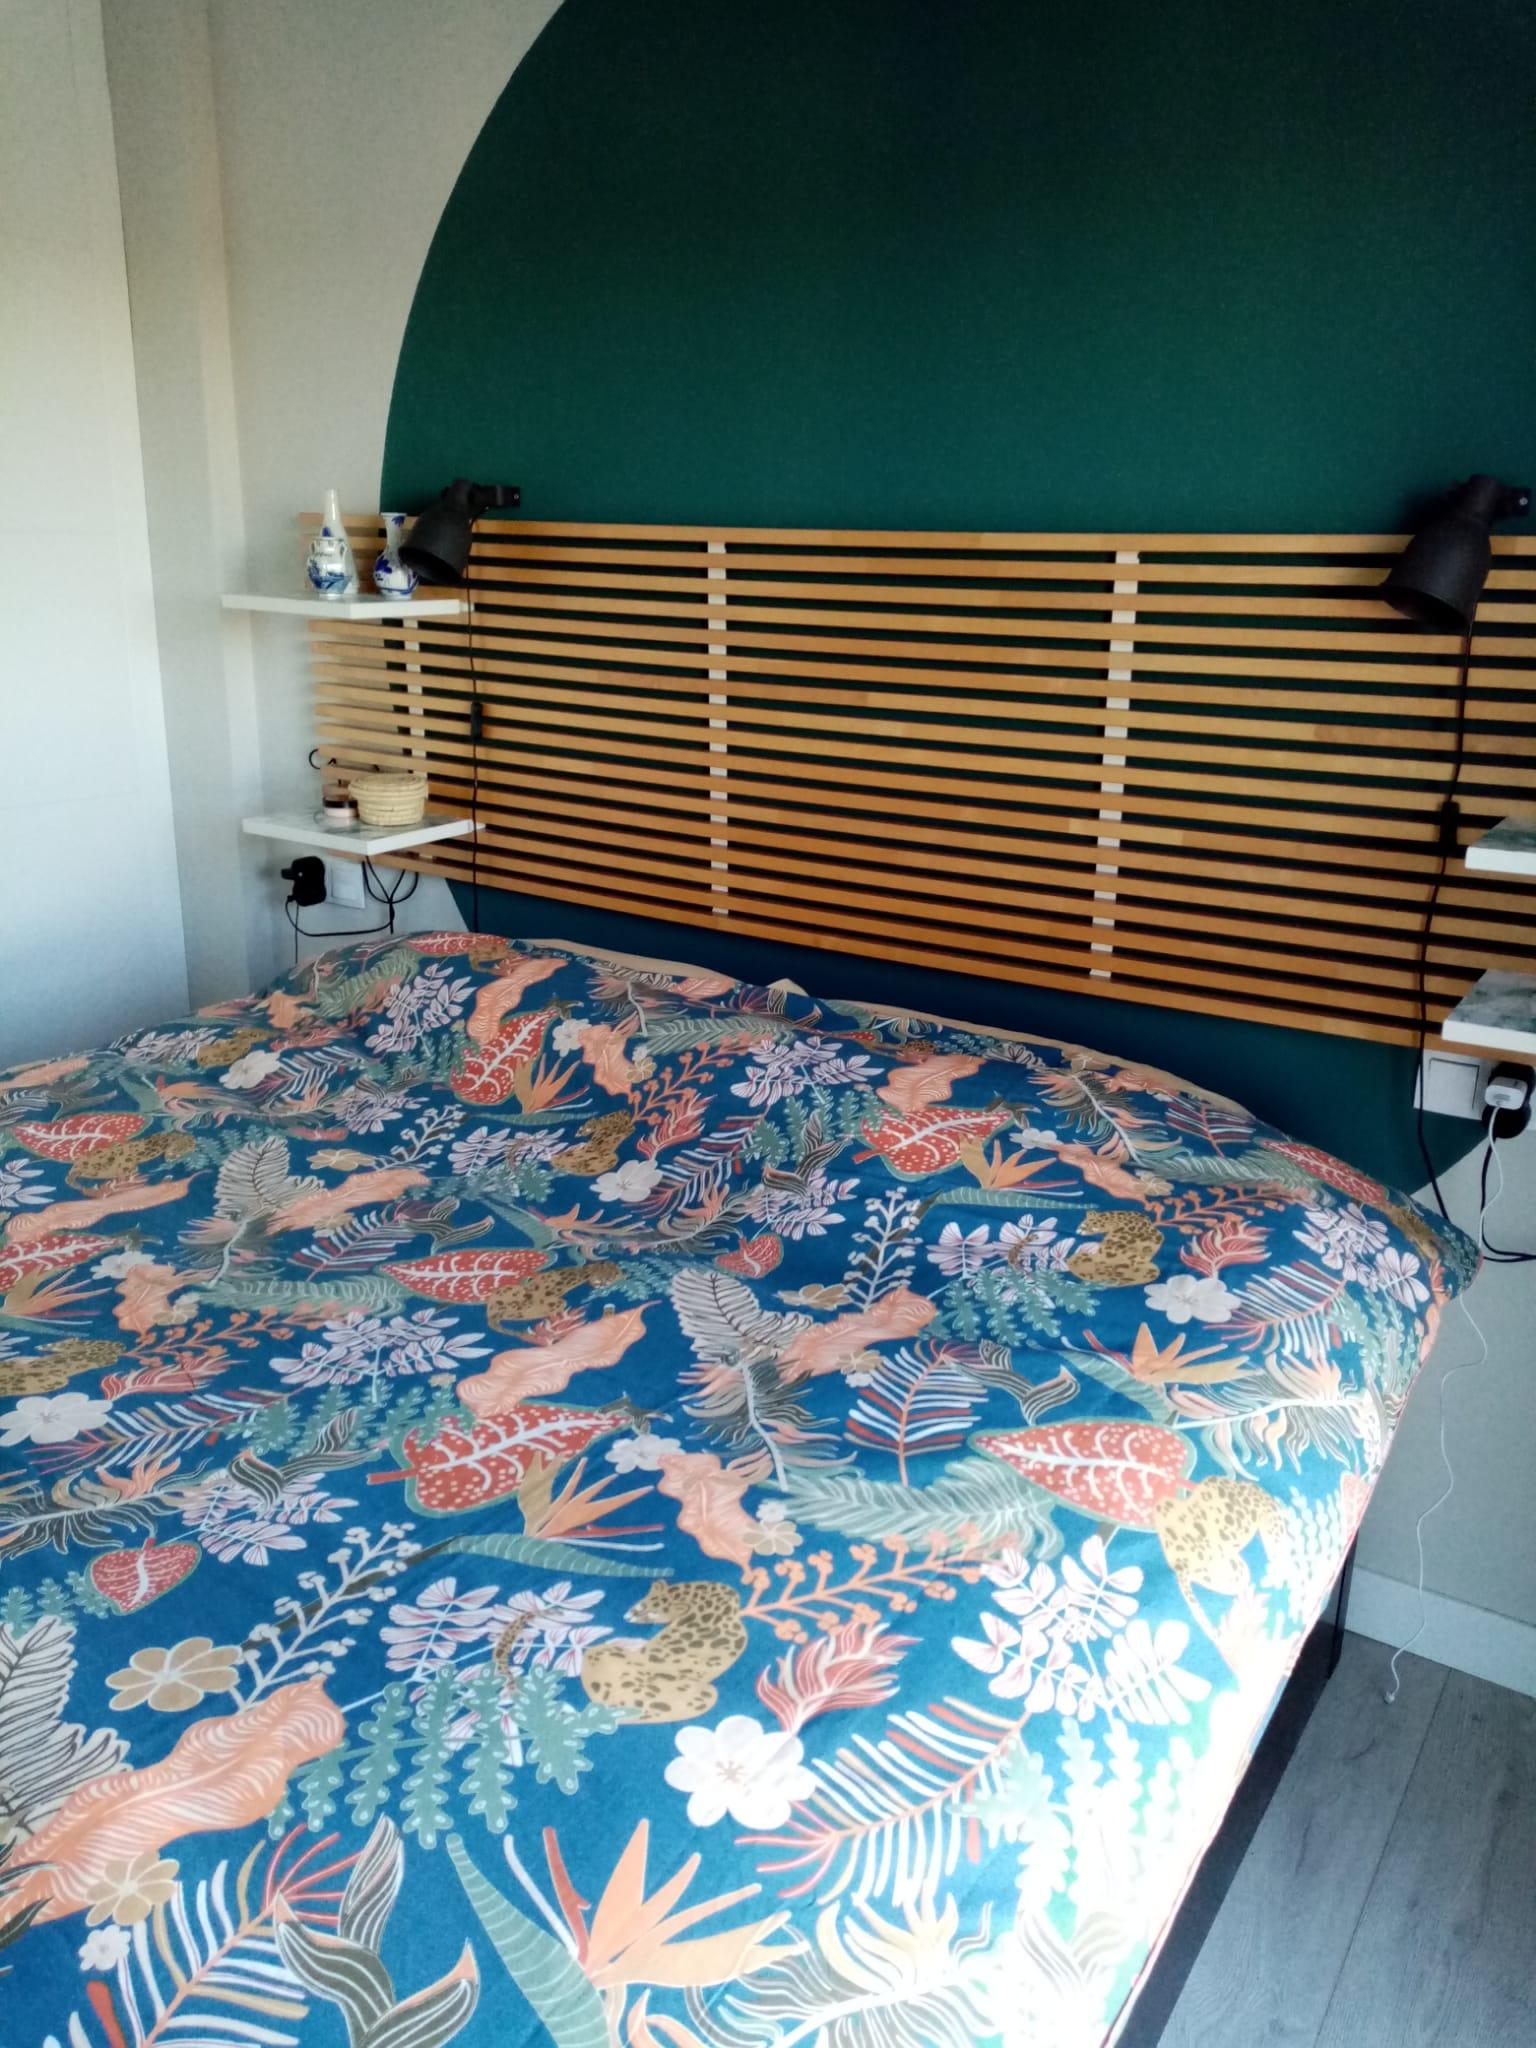 dekbedovertrek met printen volgens kleurenpalet Casa de Yvon